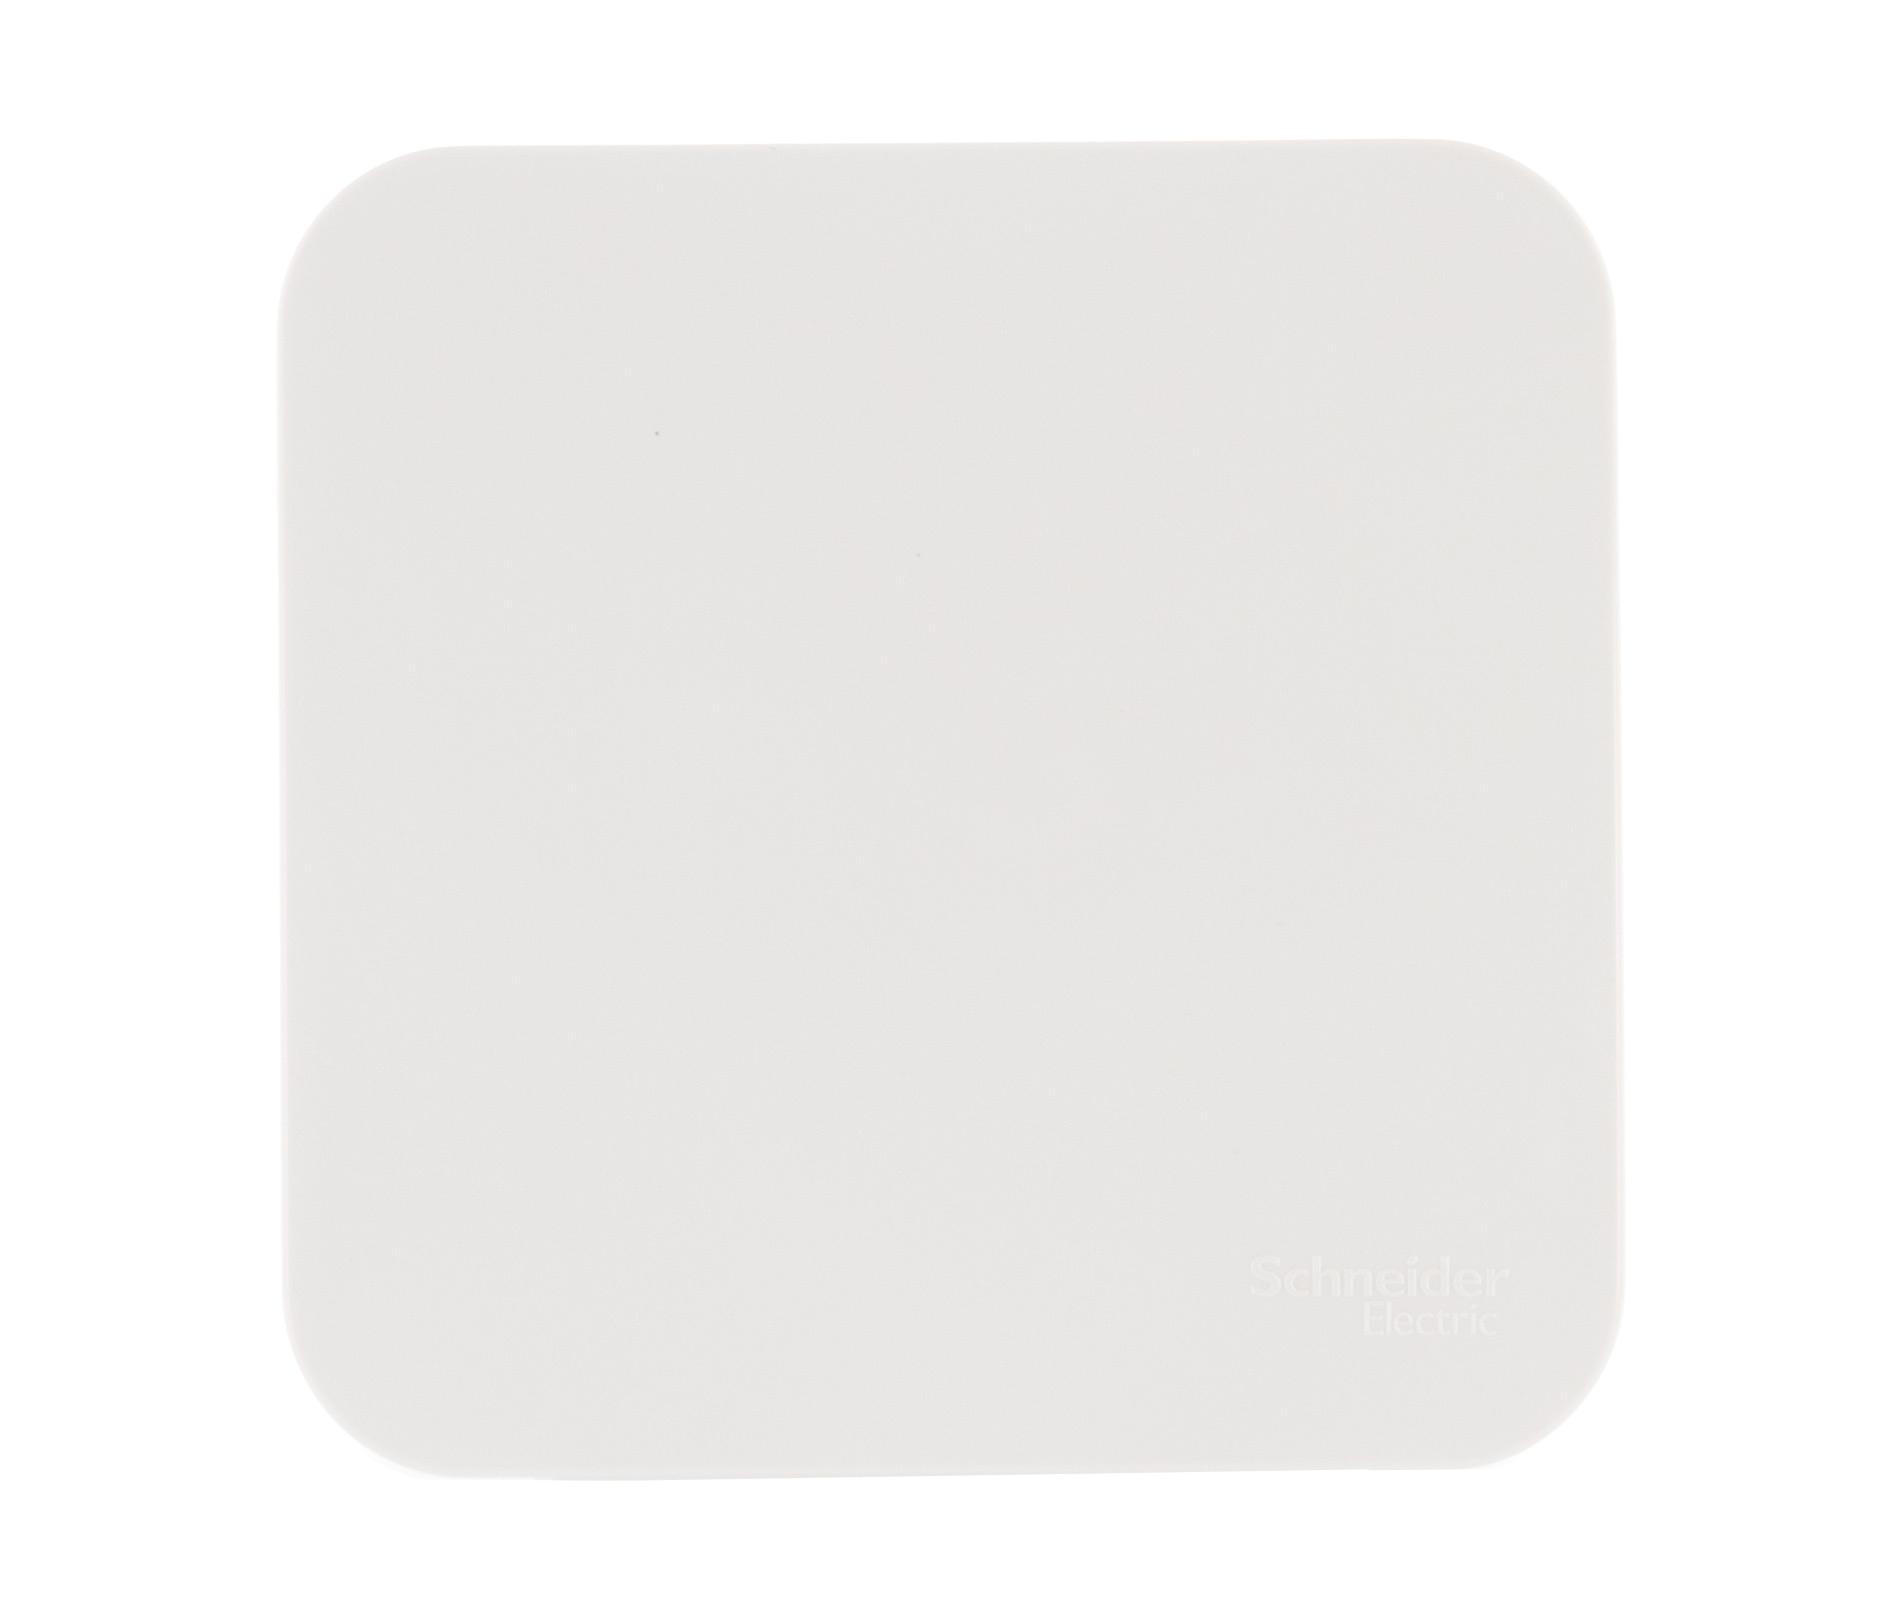 Выключатель Schneider electric Blnva101011 blanca панель лицевая schneider electric actassi 1 модуль белый 24 шт vdi88240